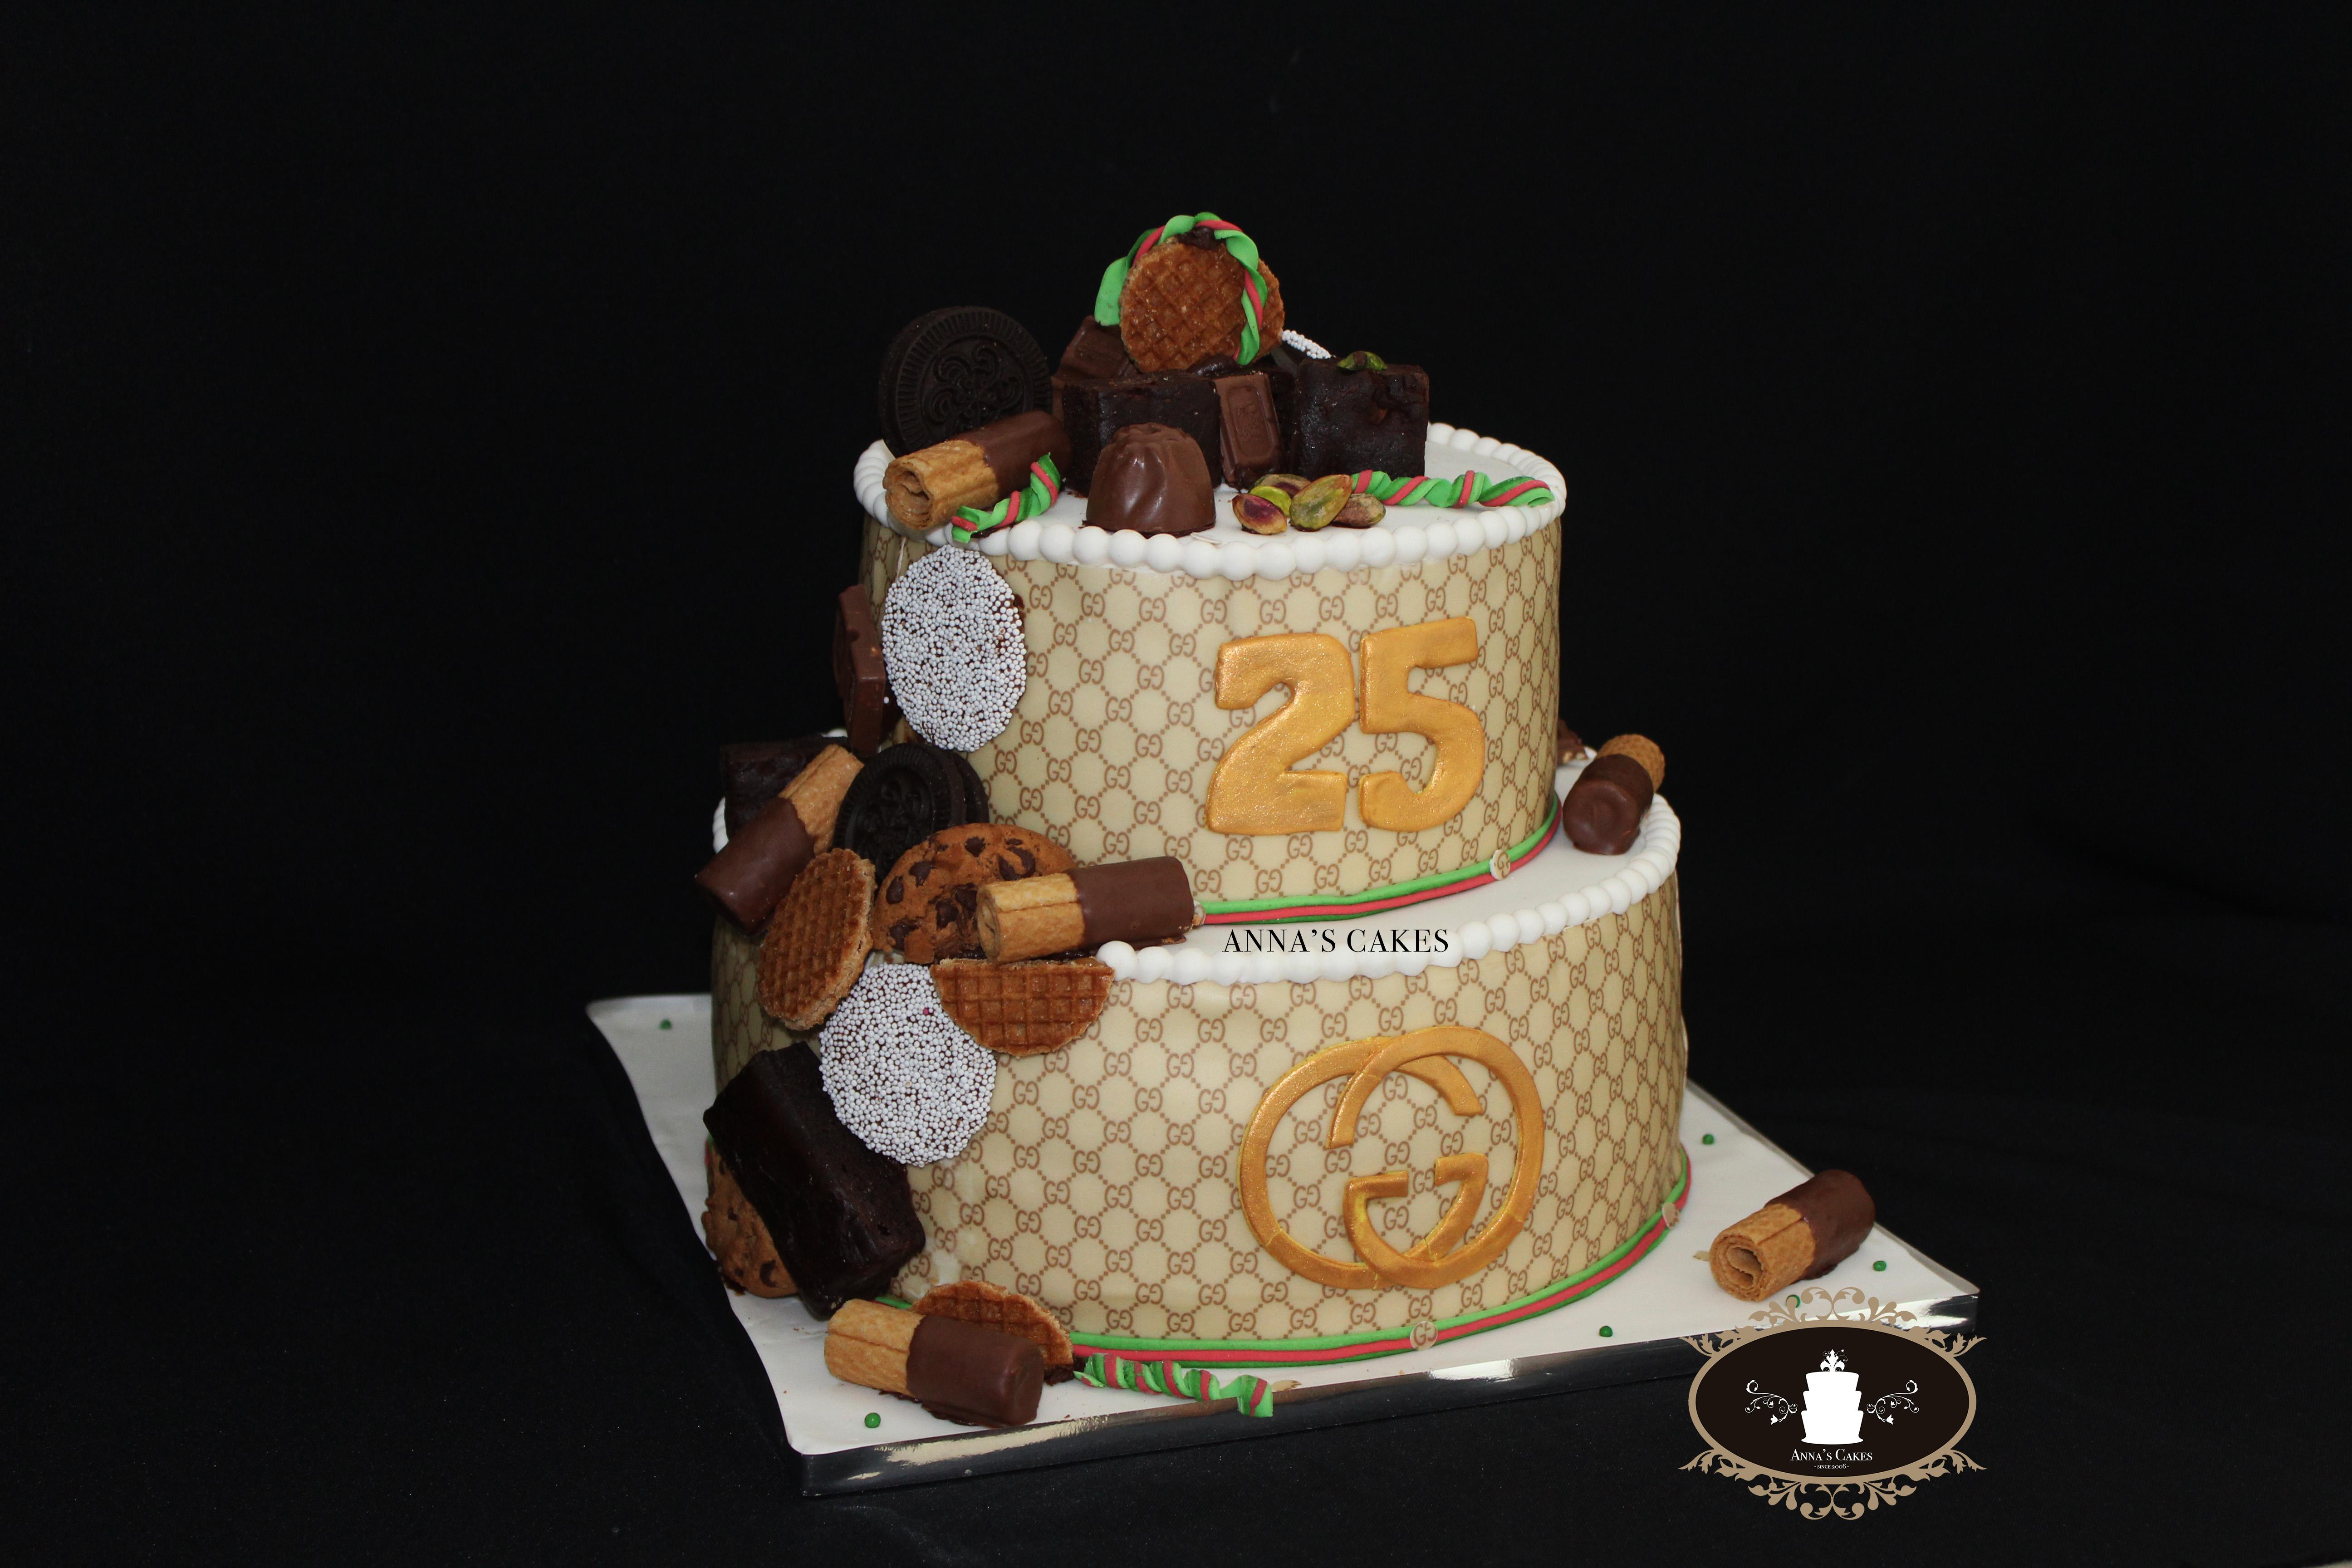 gucci taart Speciale taarten kopen bij Anna's Cakes in Enschede gucci taart